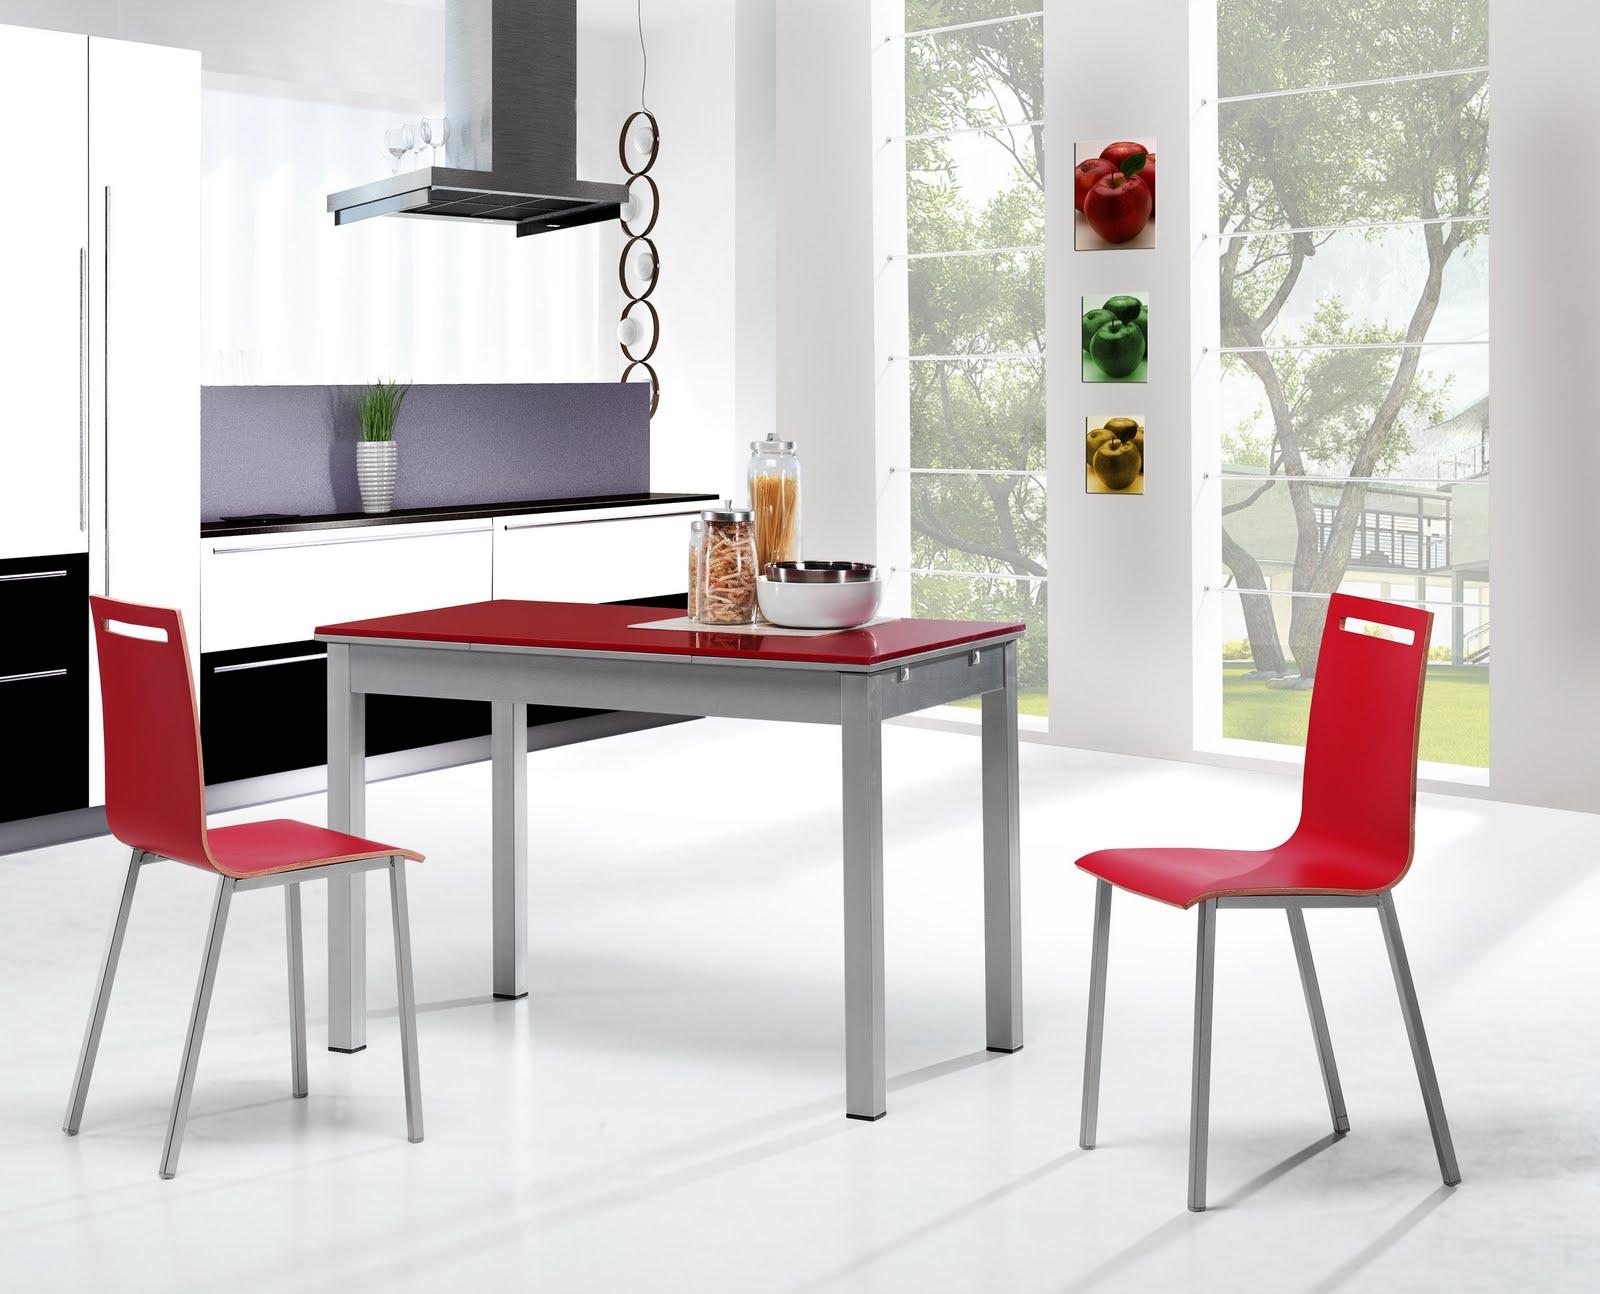 Sillas de cocina los mejores estilos de sillas de comedor for Sillas comedor diseno